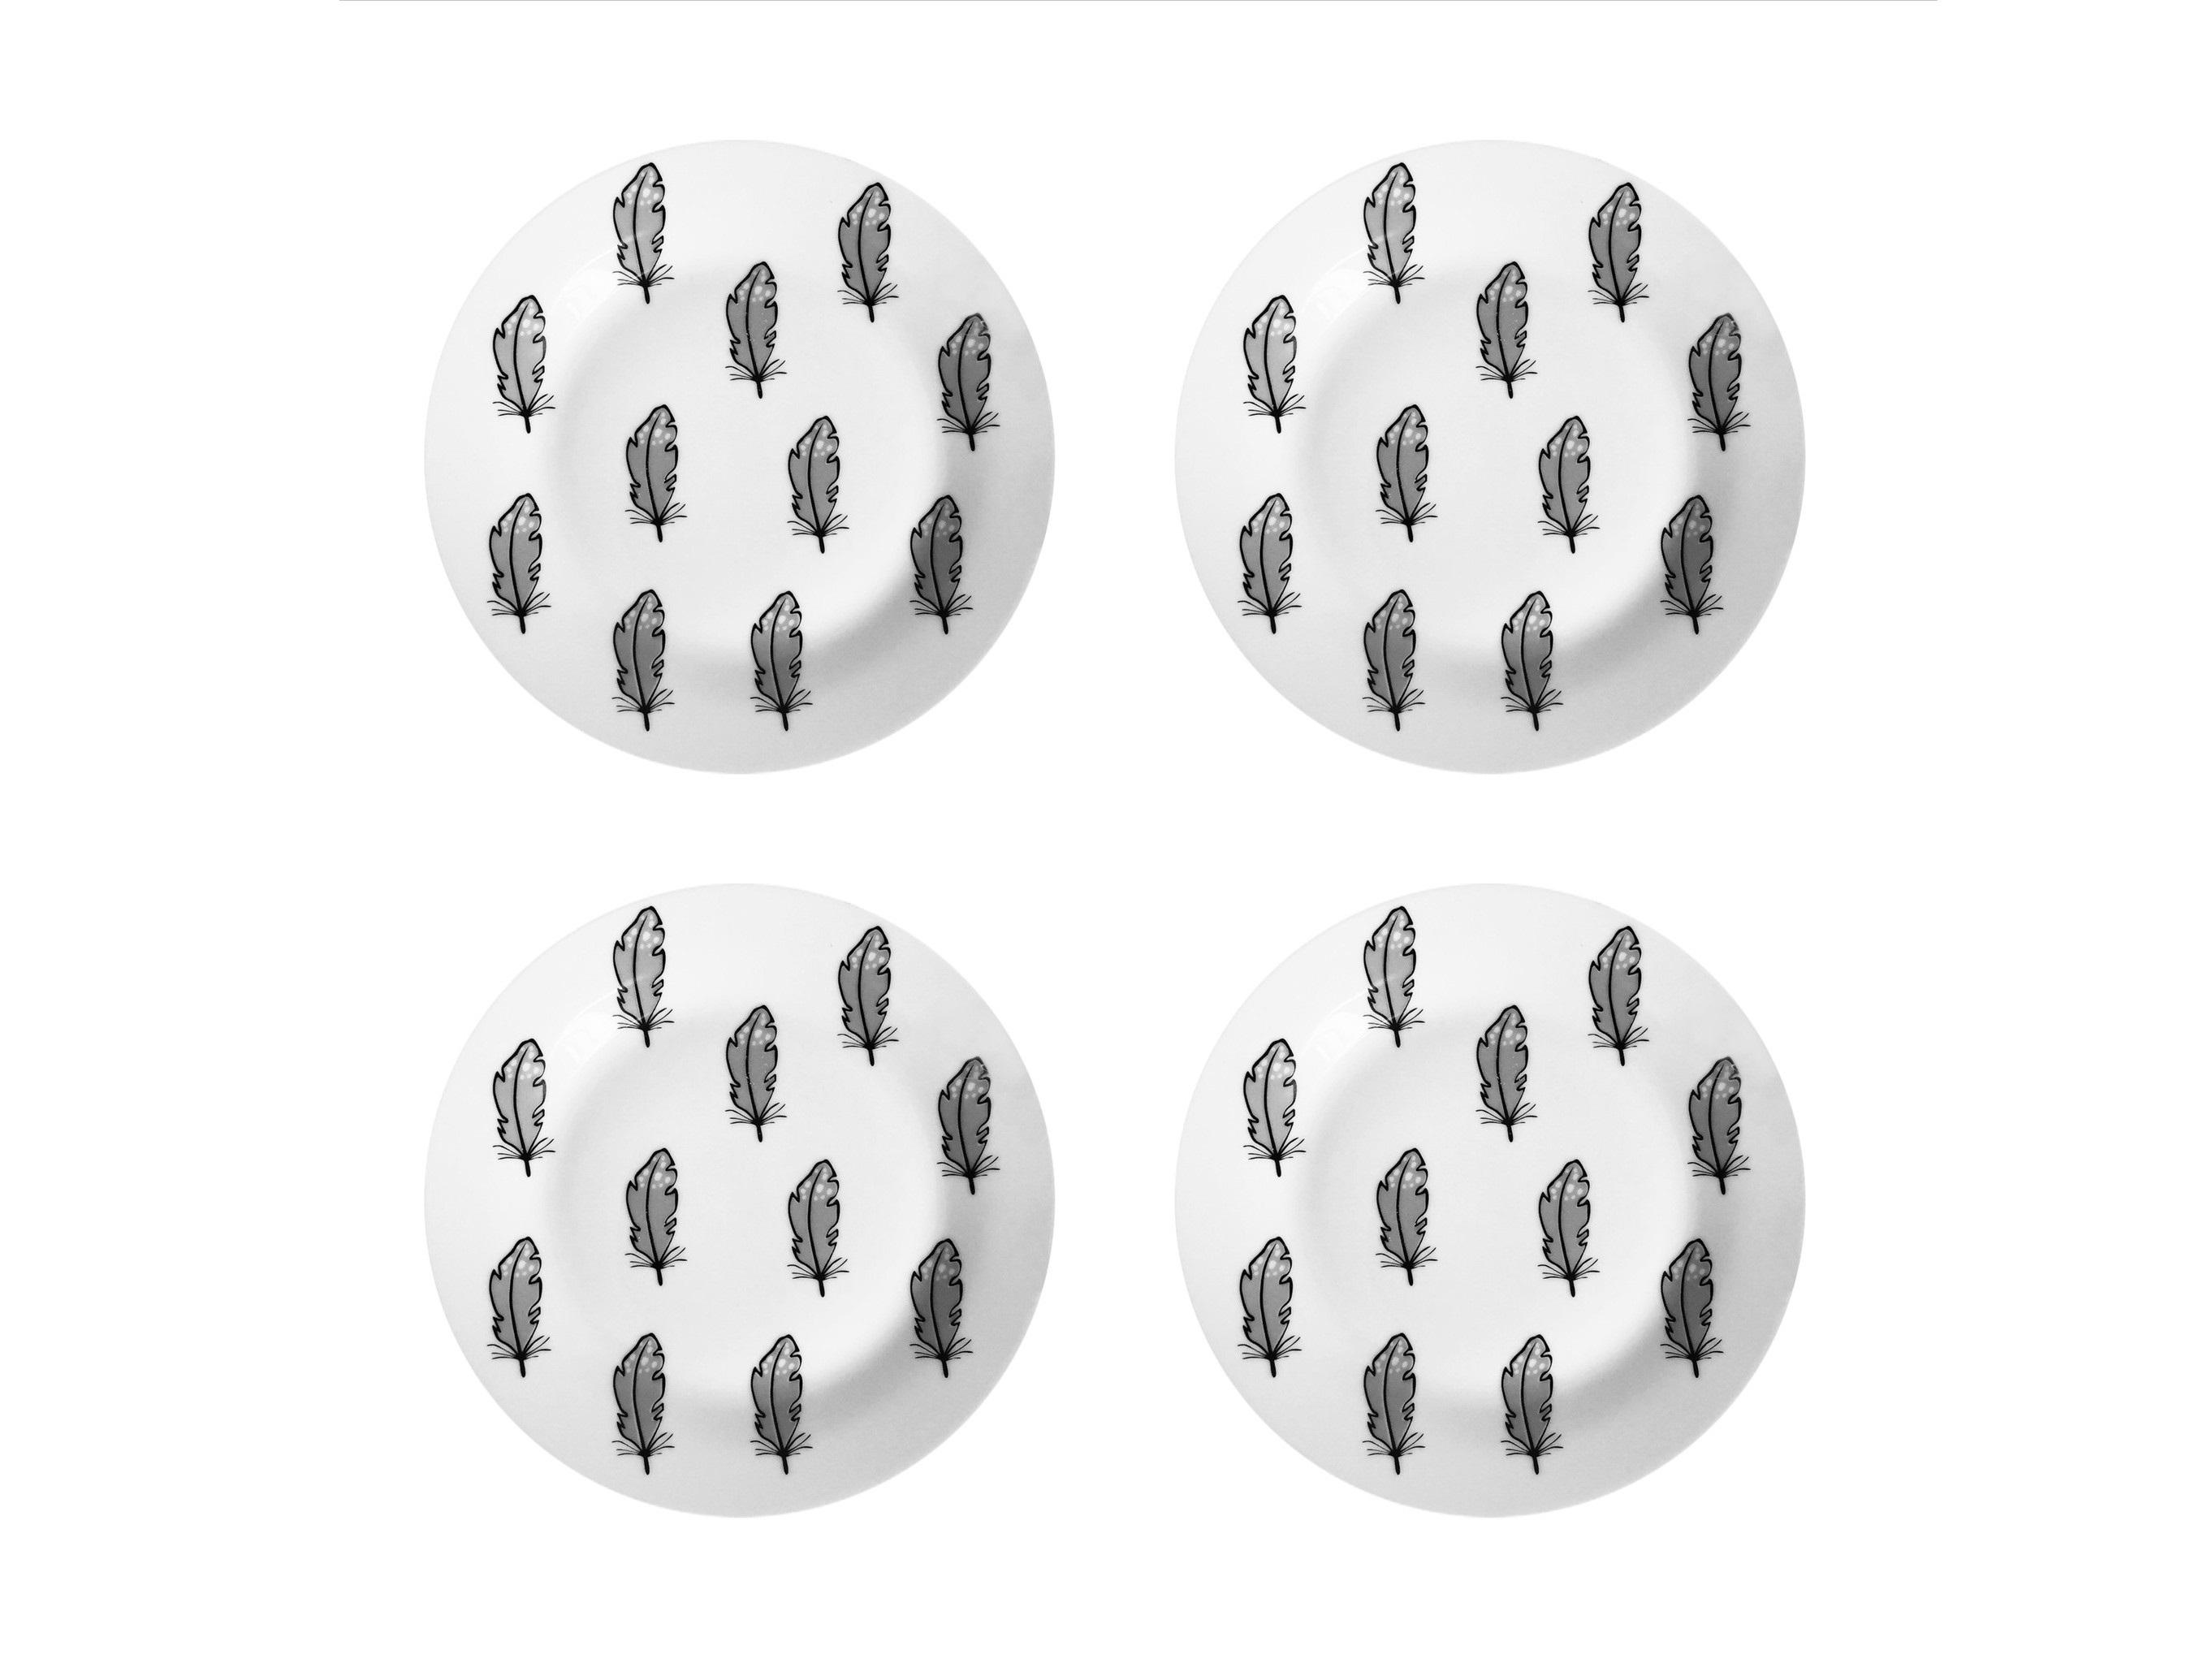 Набор тарелок Перо (4 шт)Тарелки<br>Посуду можно использовать в микроволновой печи и посудомоечной машине.&amp;amp;nbsp;&amp;lt;div&amp;gt;В комплект входят: Тарелка 20 см - 4 шт.&amp;lt;/div&amp;gt;<br><br>Material: Фарфор<br>Diameter см: 20